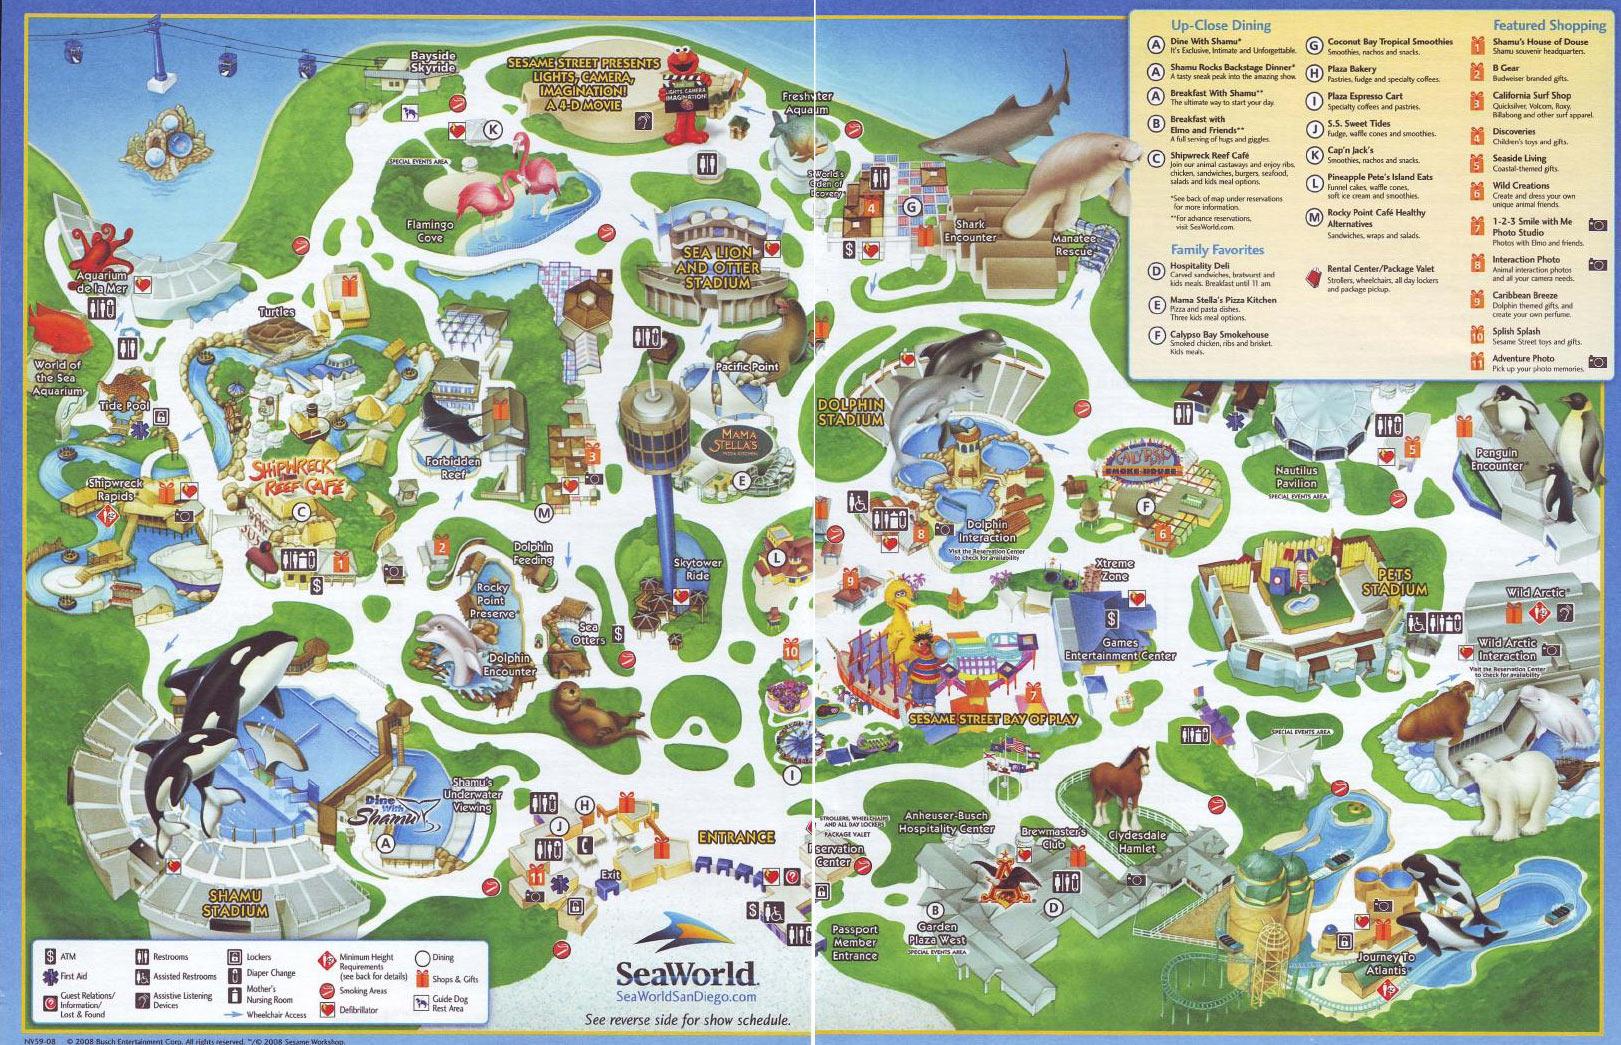 Zoos San Diego Seaworld